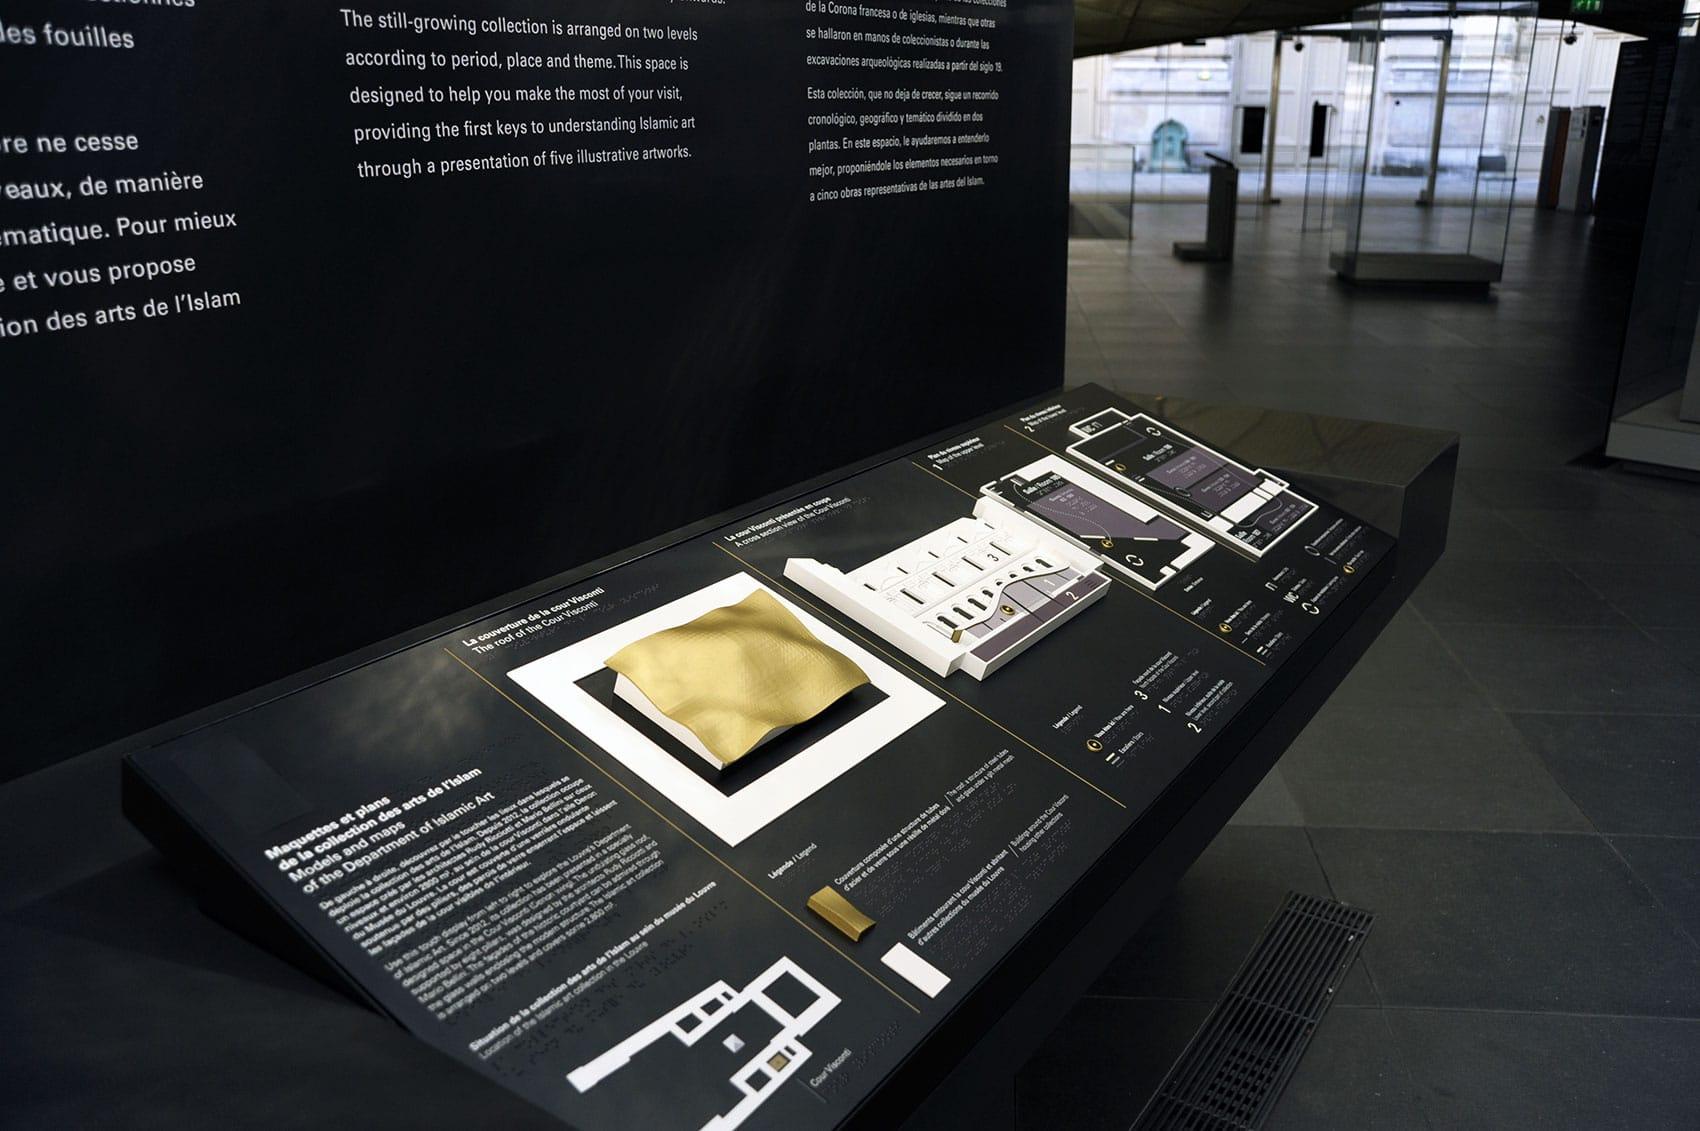 The 5 parts of the tactile station at the Département des Arts de l'Islam - © Tactile Studio